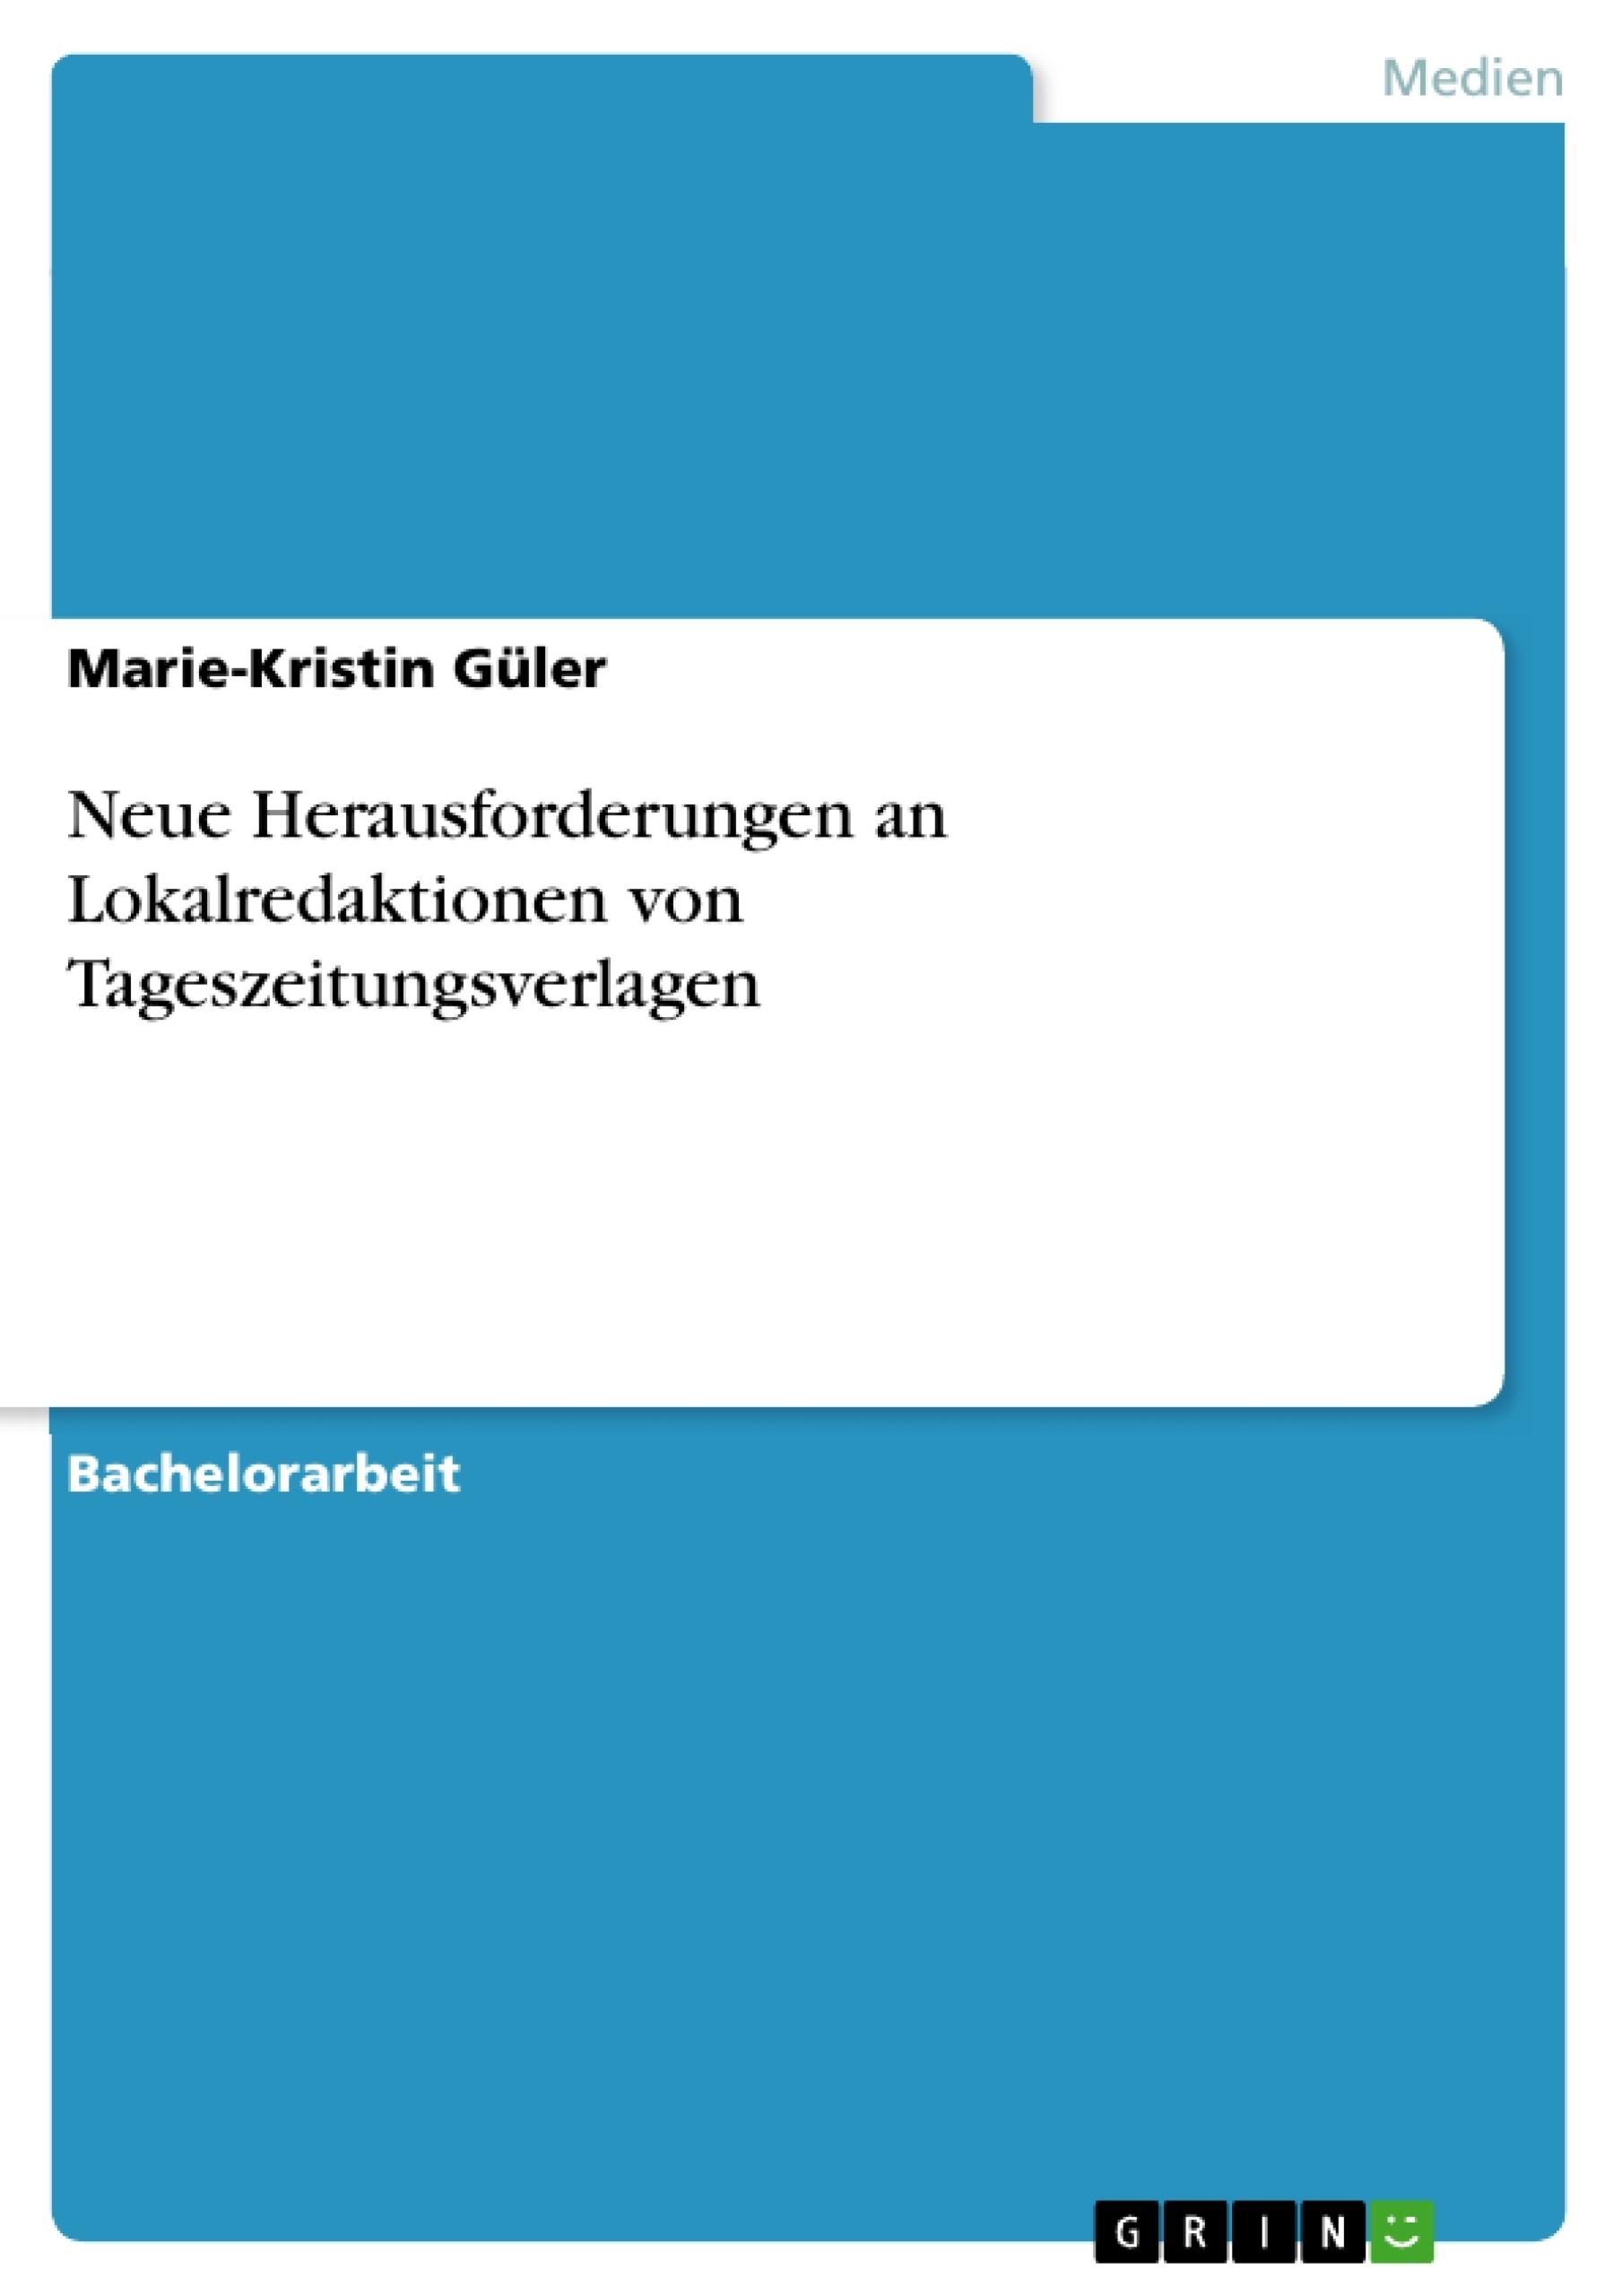 Titel: Neue Herausforderungen an Lokalredaktionen von Tageszeitungsverlagen